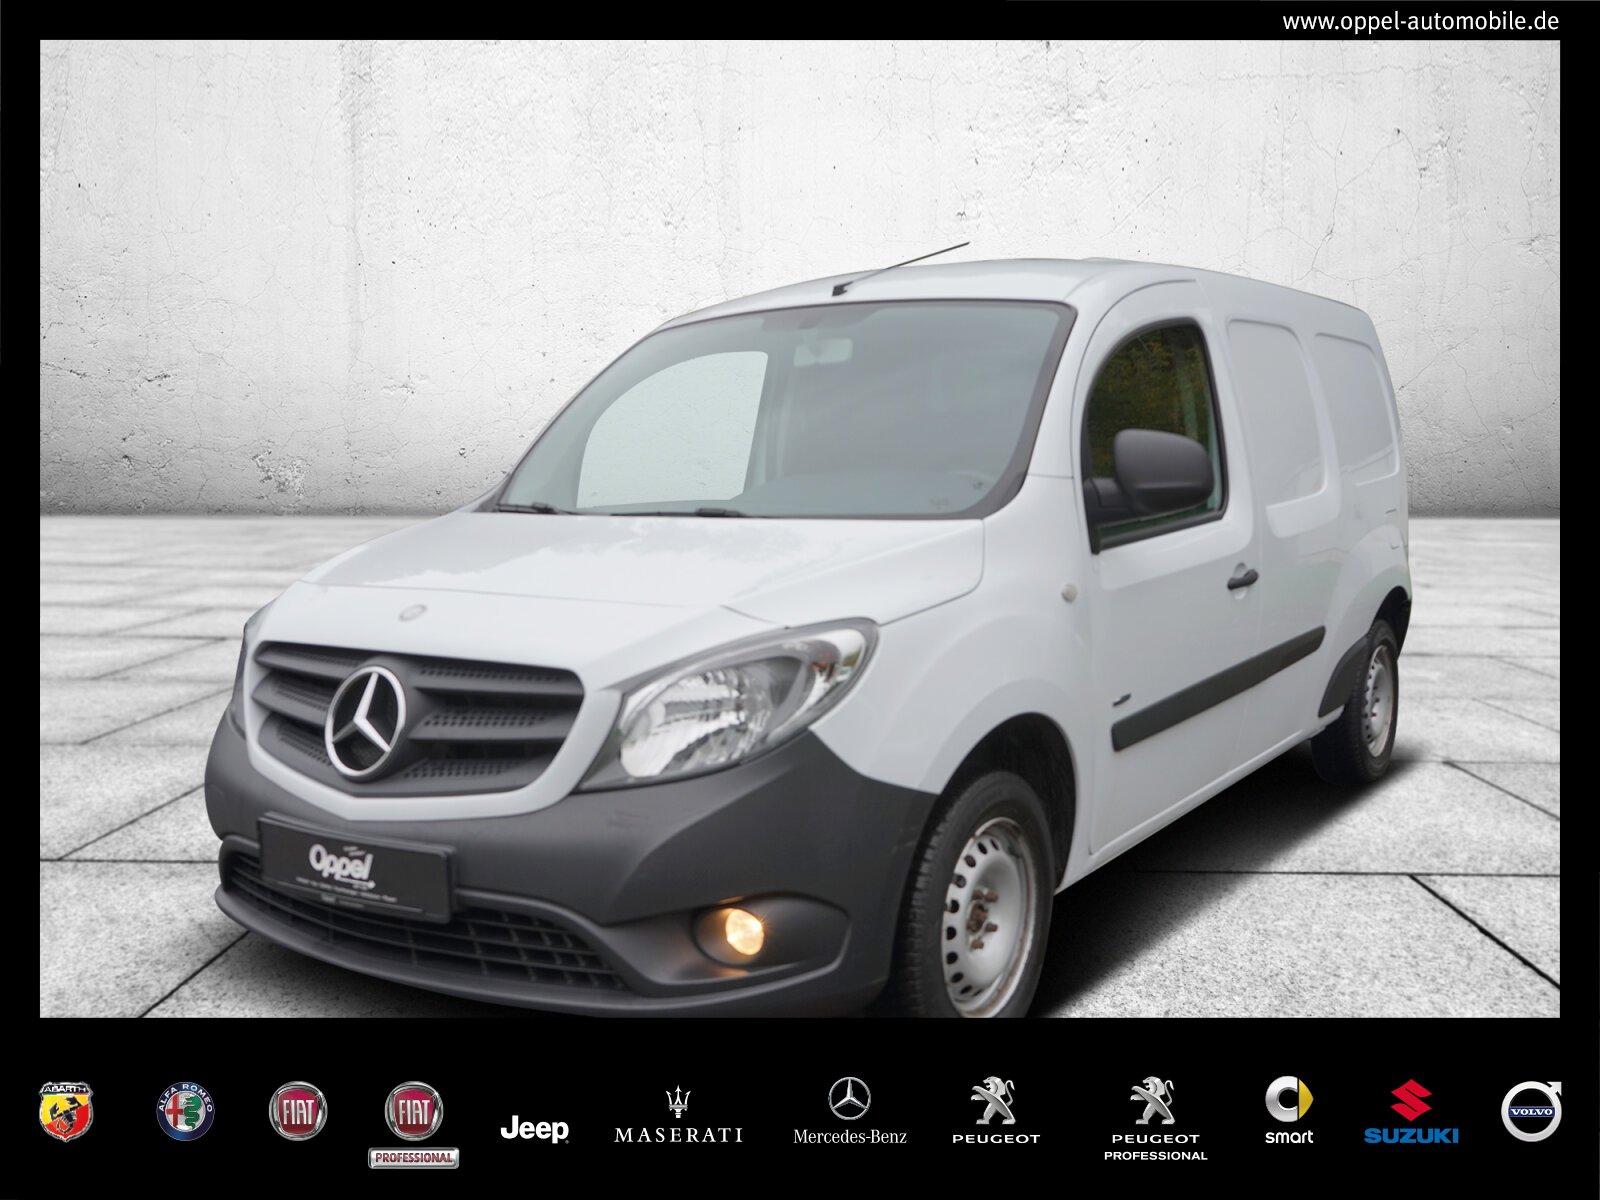 Mercedes-Benz Citan 109 CDI KASTEN +KLIMA+L-R SENSOR+RADIO+LM+, Jahr 2017, Diesel